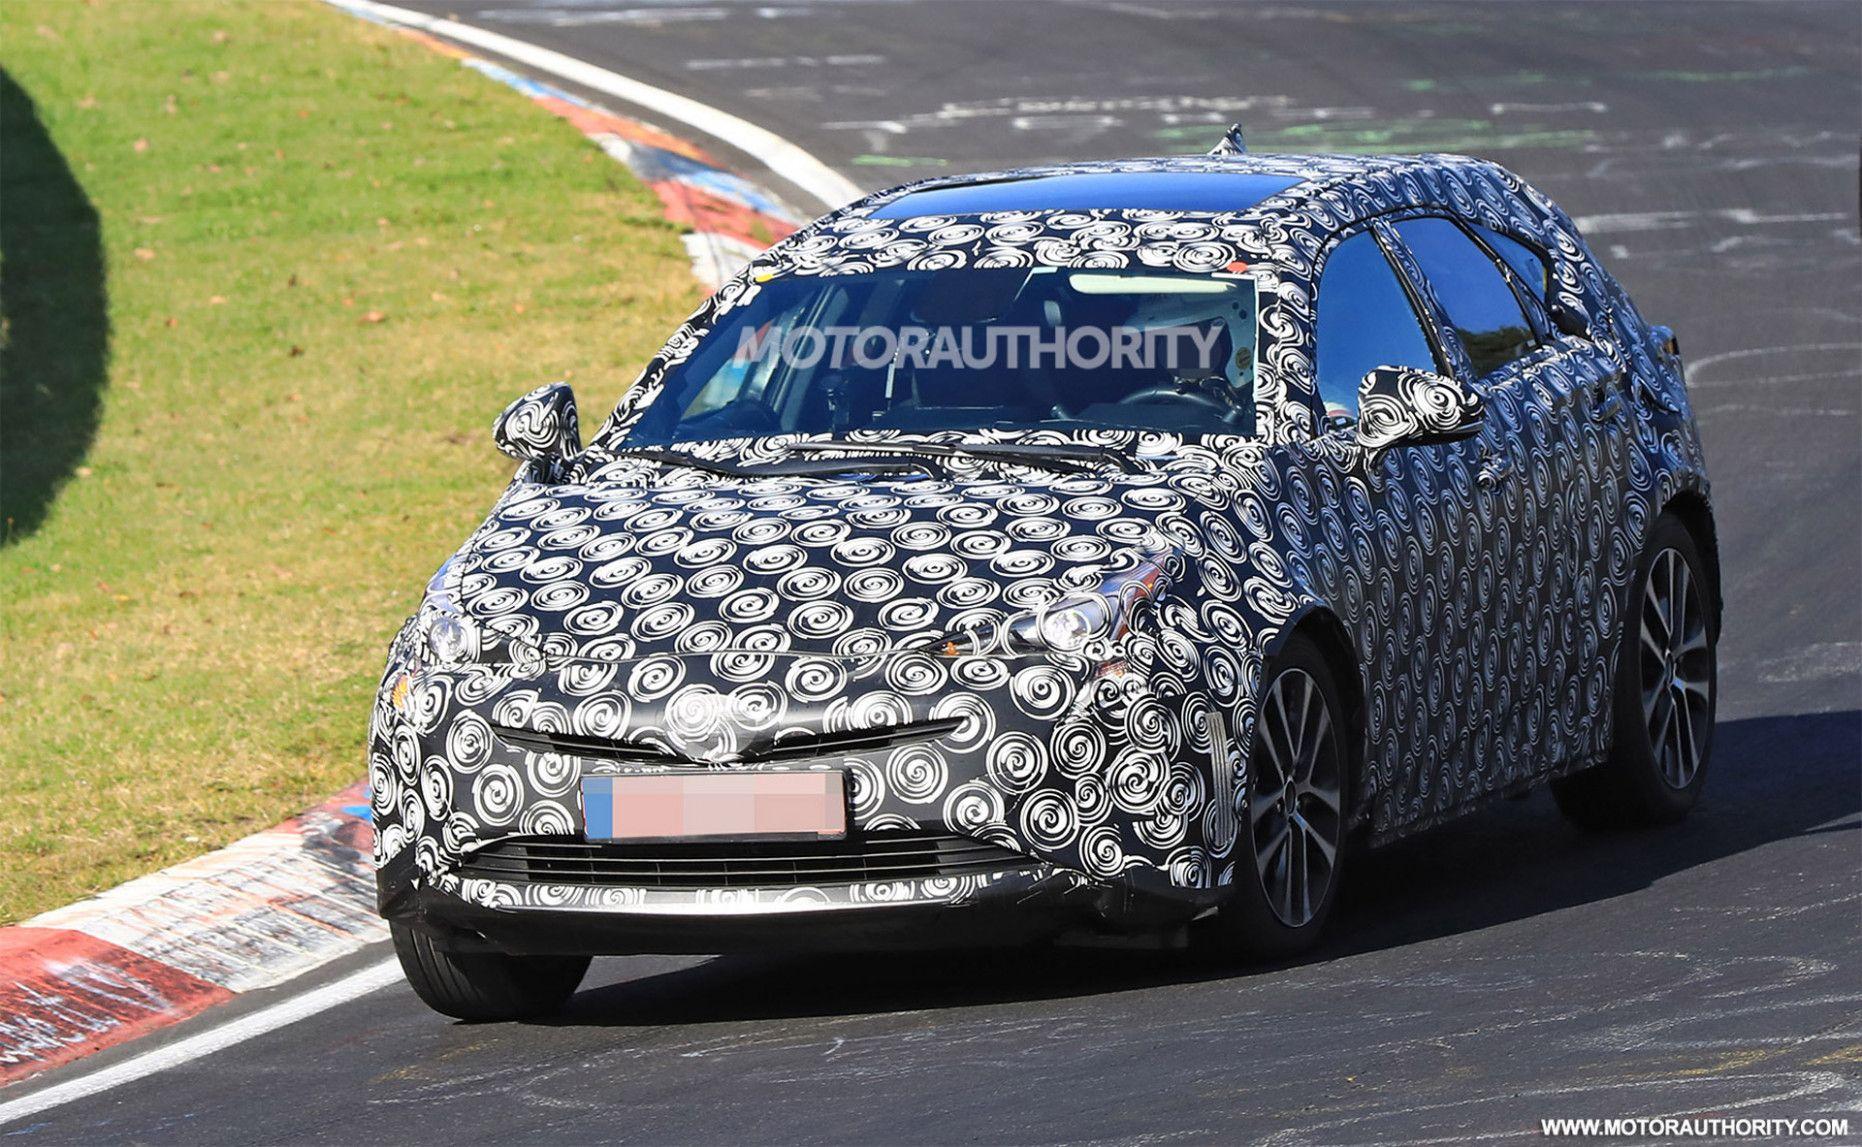 2020 Toyota Prius V in 2020 Toyota prius, Honda insight